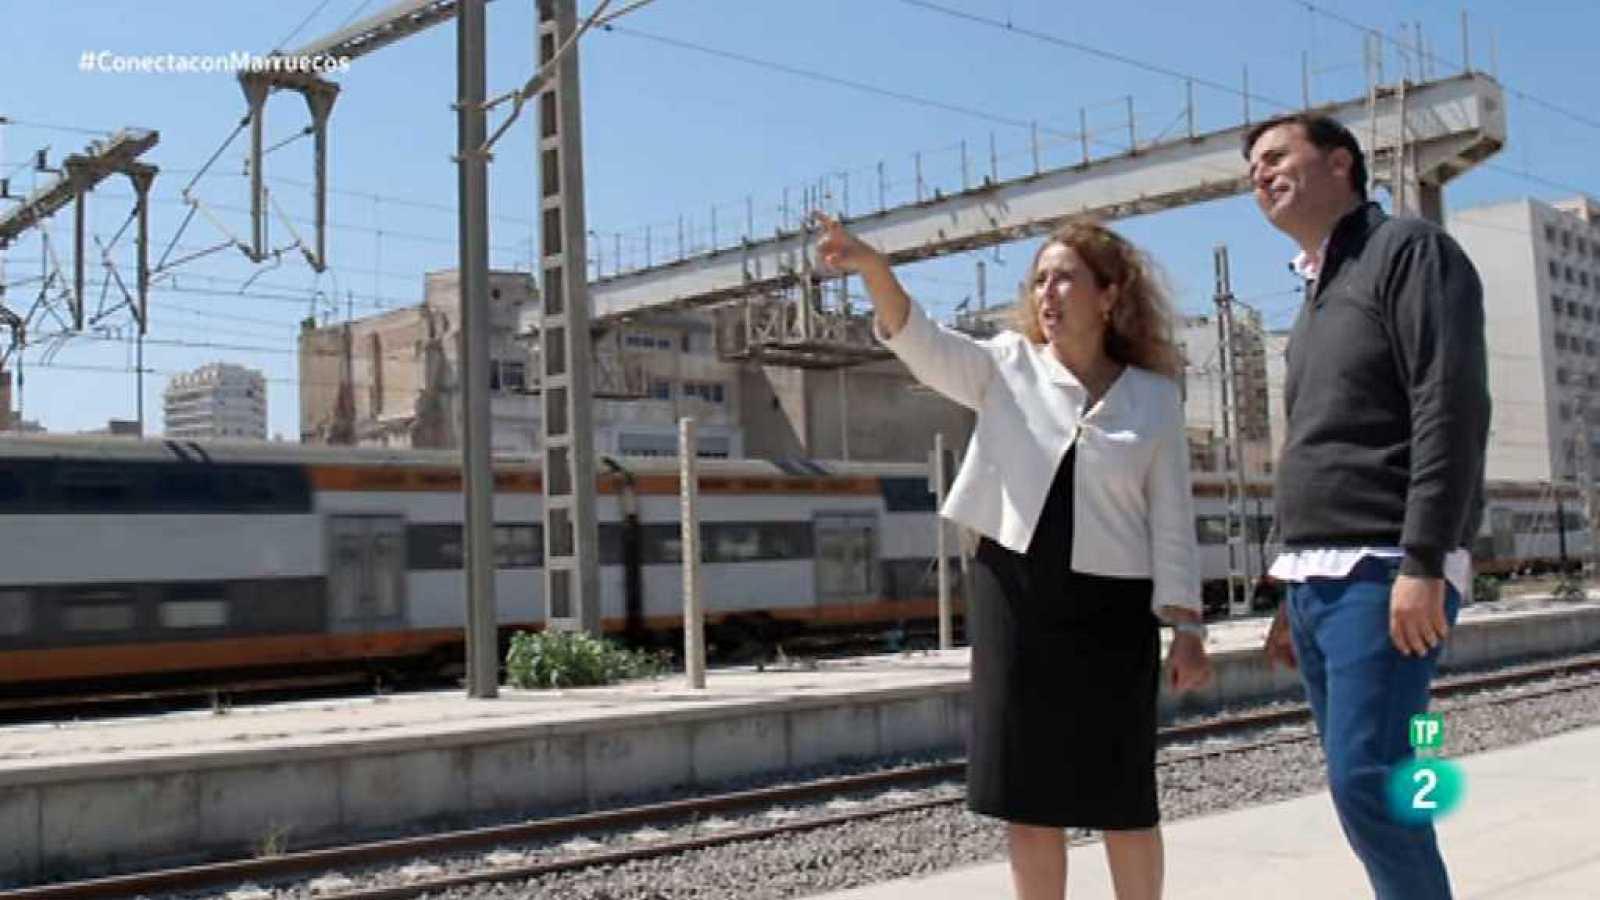 Conecta con el mercado - Marruecos - ver ahora